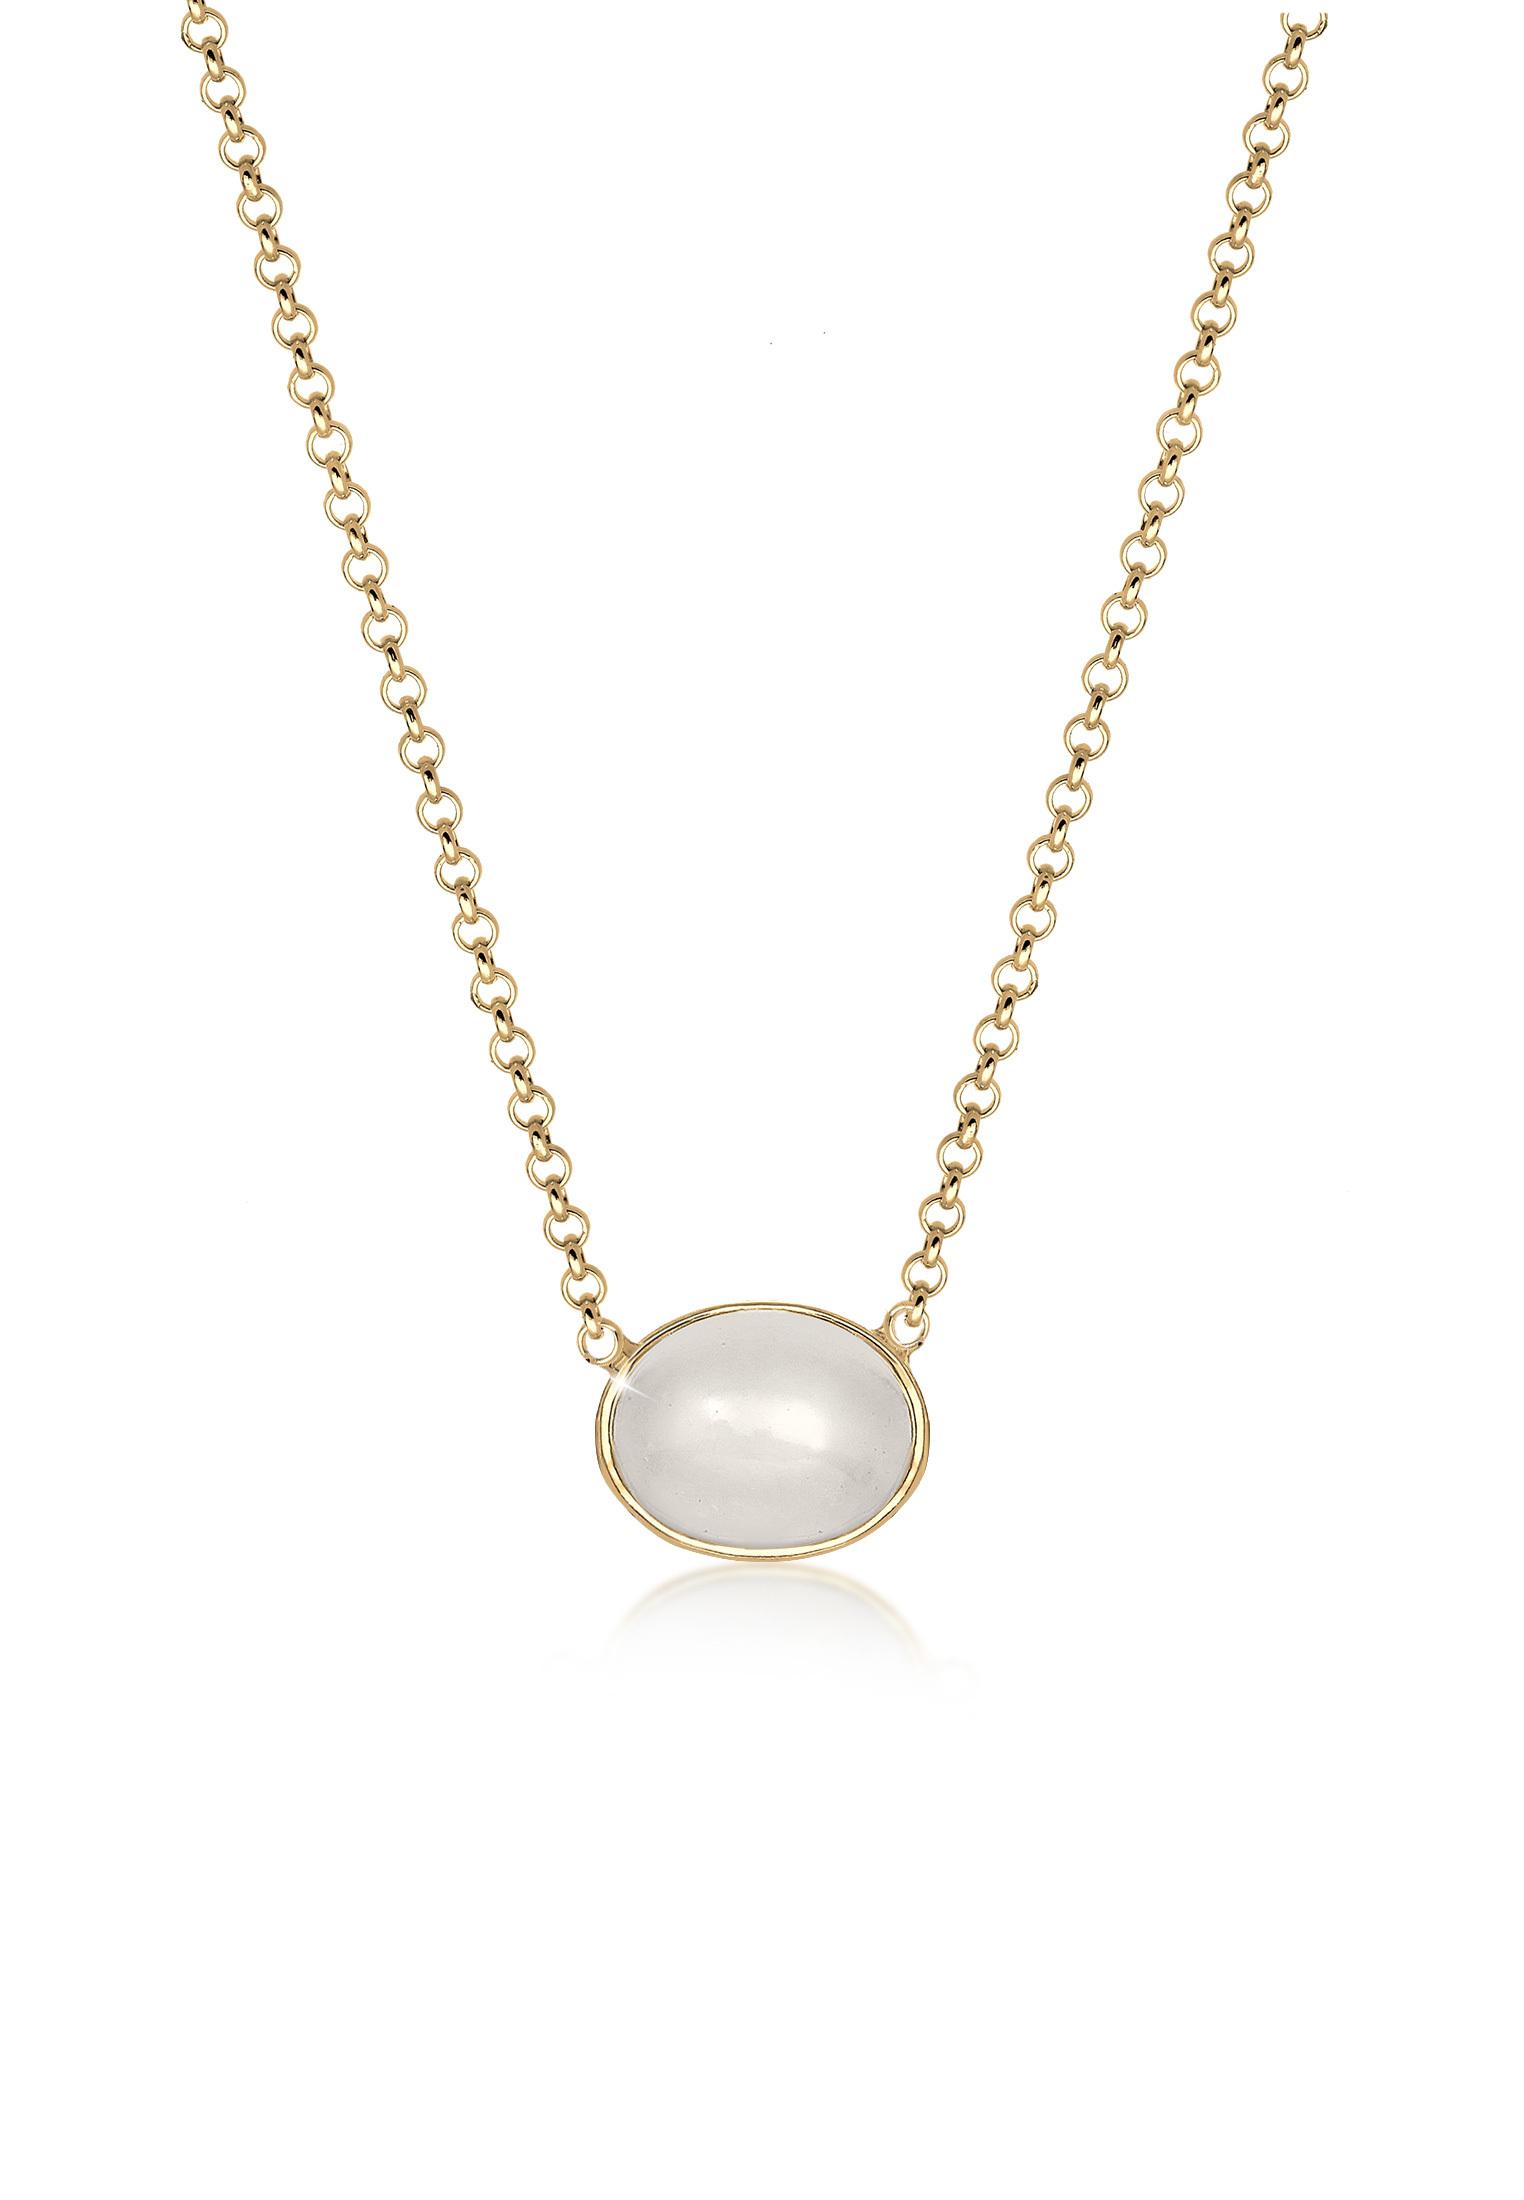 Halskette Astro   Mondstein ( Weiß )   925 Sterling Silber vergoldet